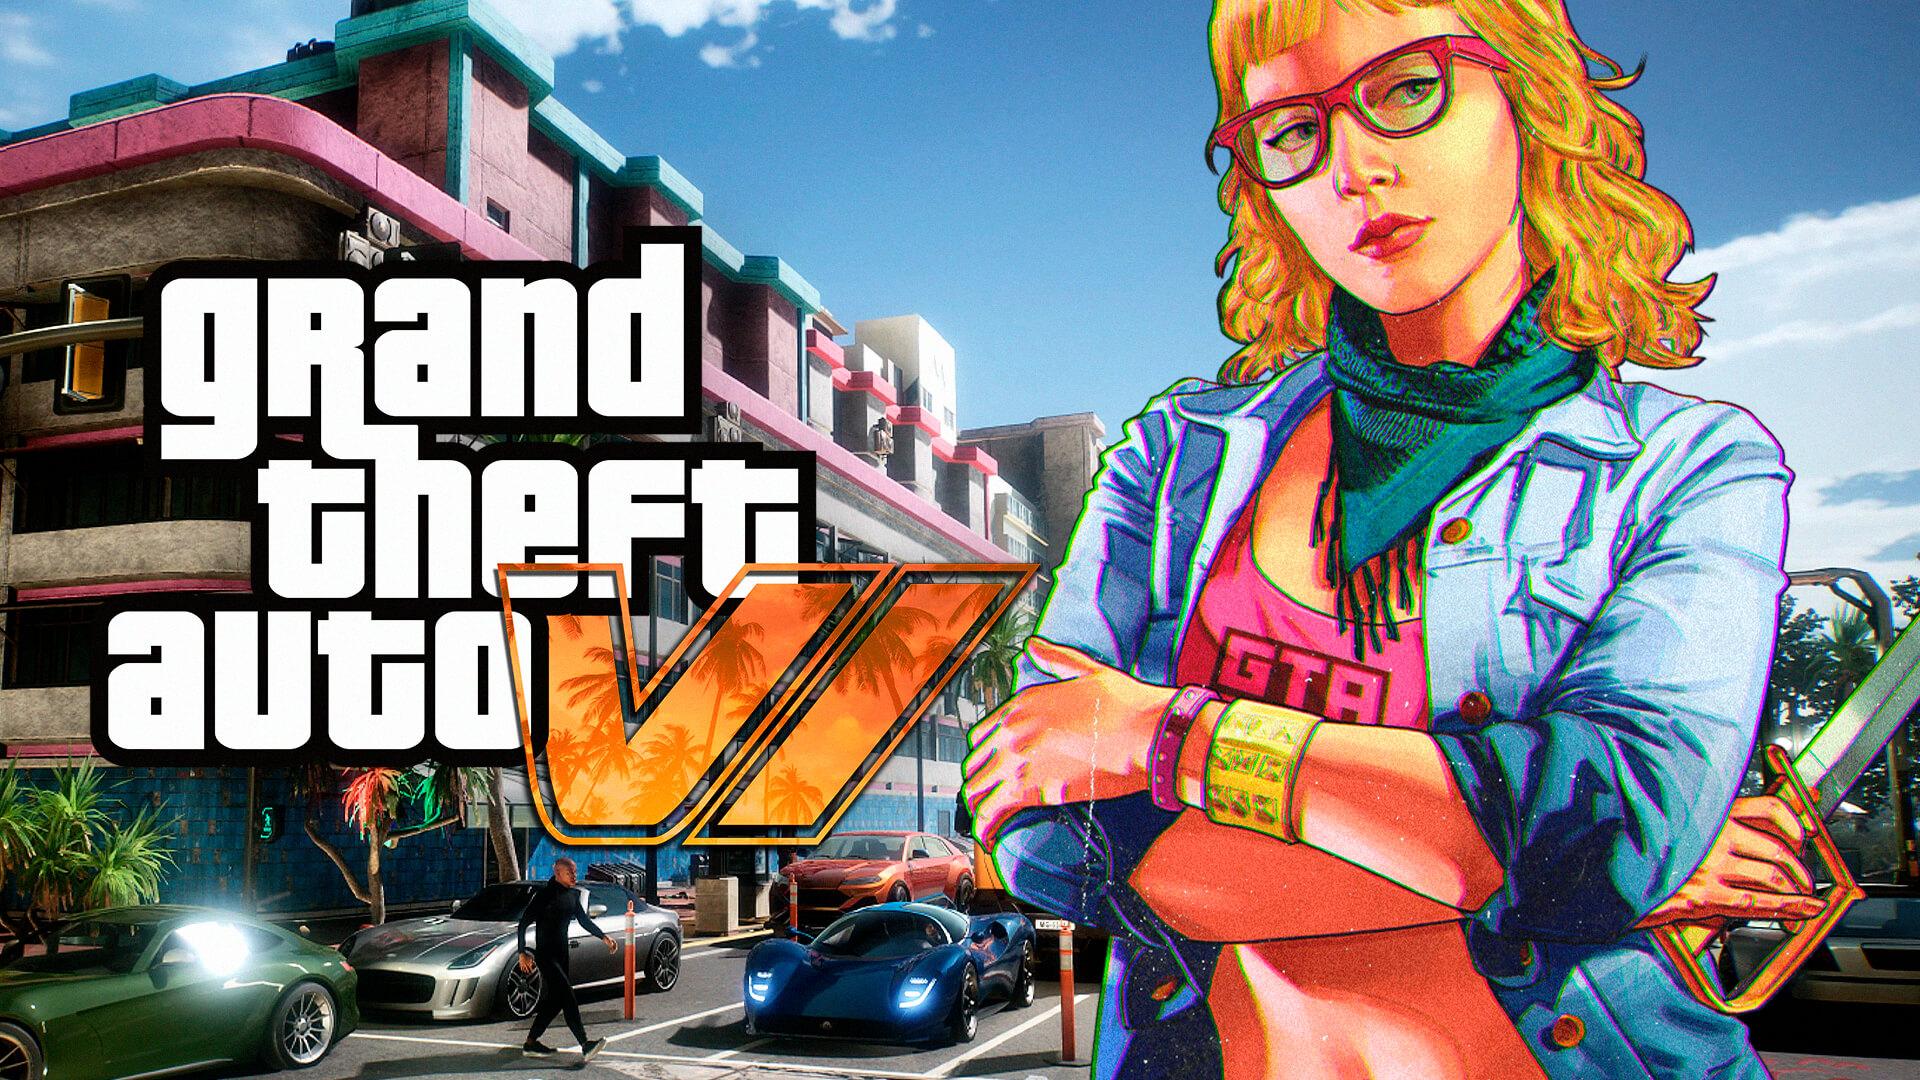 Um vídeo pode ter mostrado o suposto mapa de GTA 6 (Grand Theft Auto VI), no entanto, os fãs estão muito céticos quando à veracidade do mesmo.